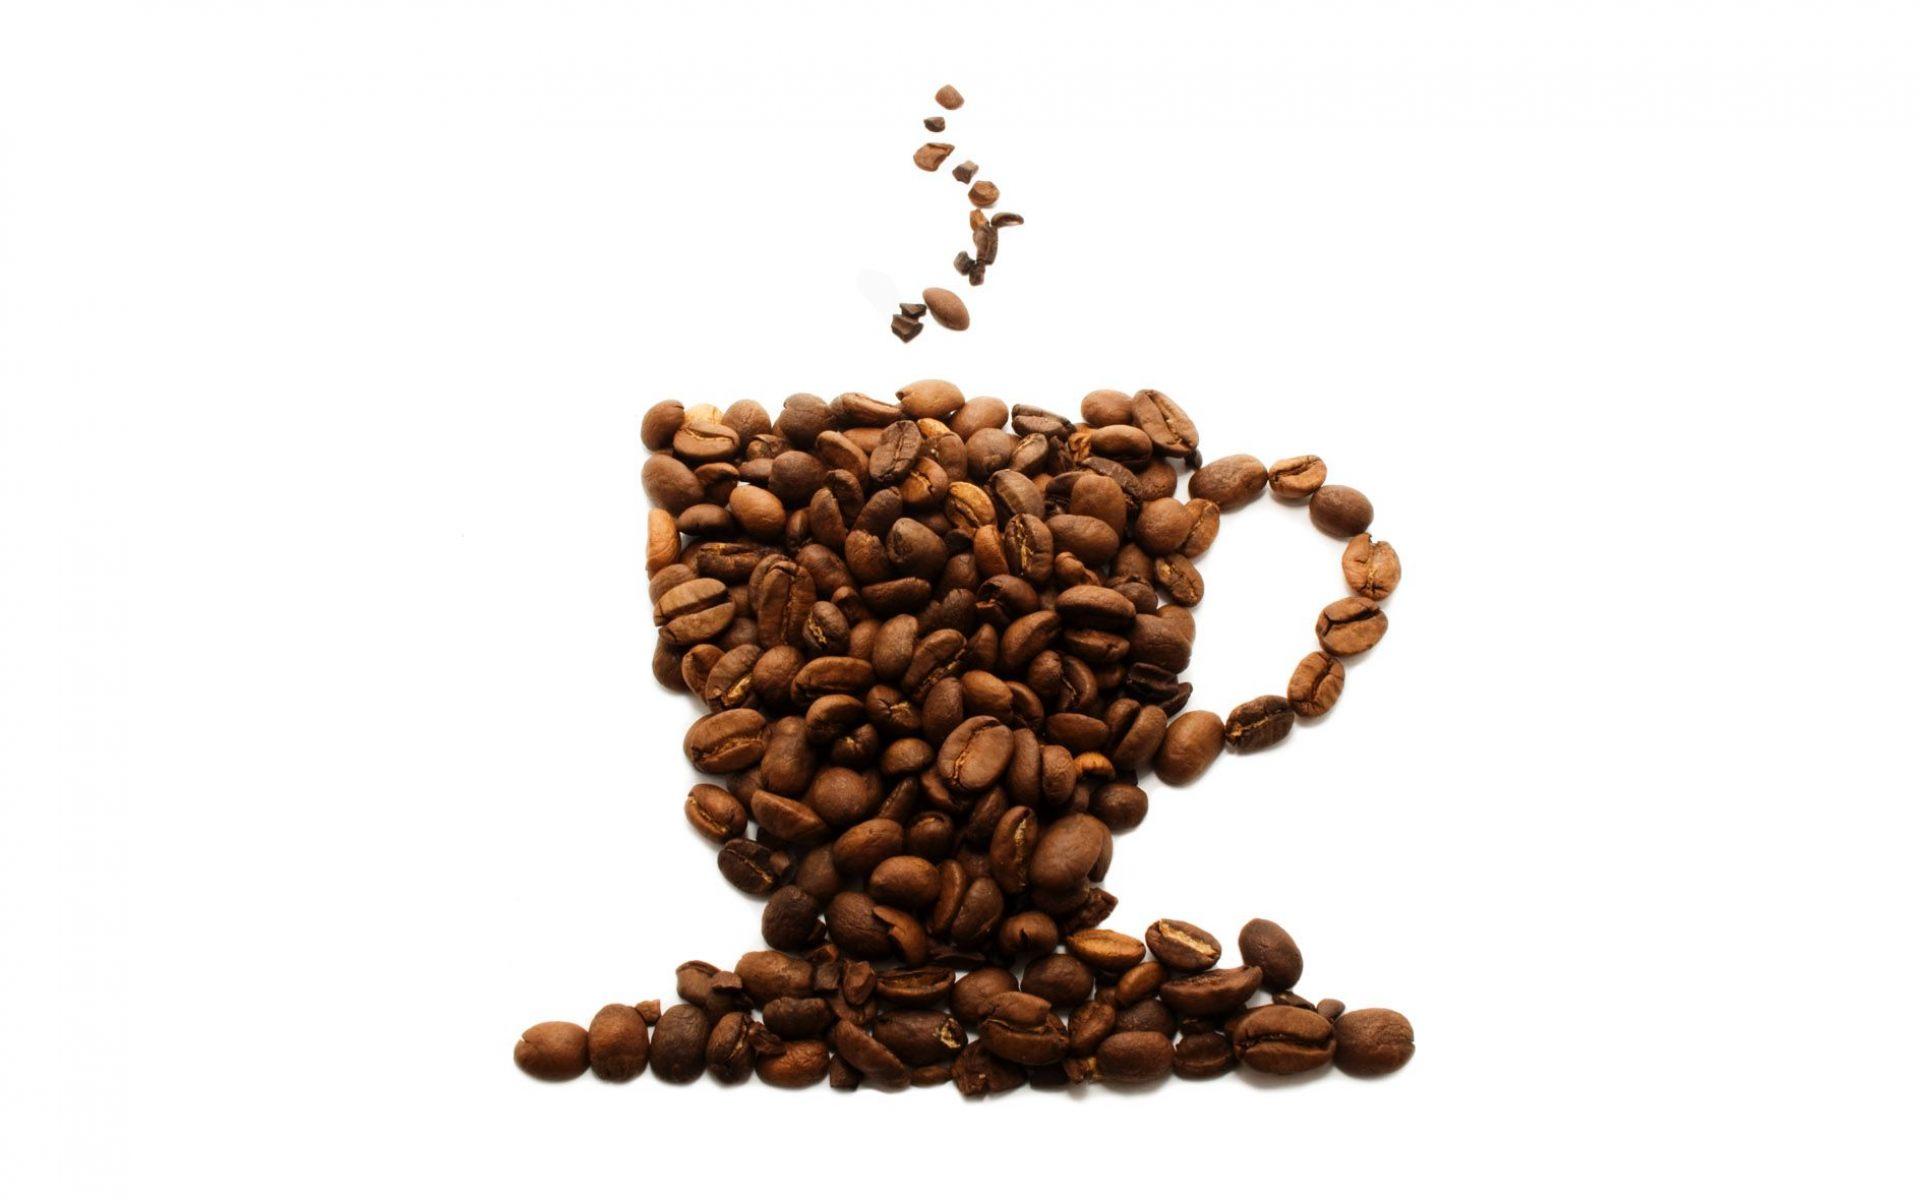 поджигать кофейную гущу